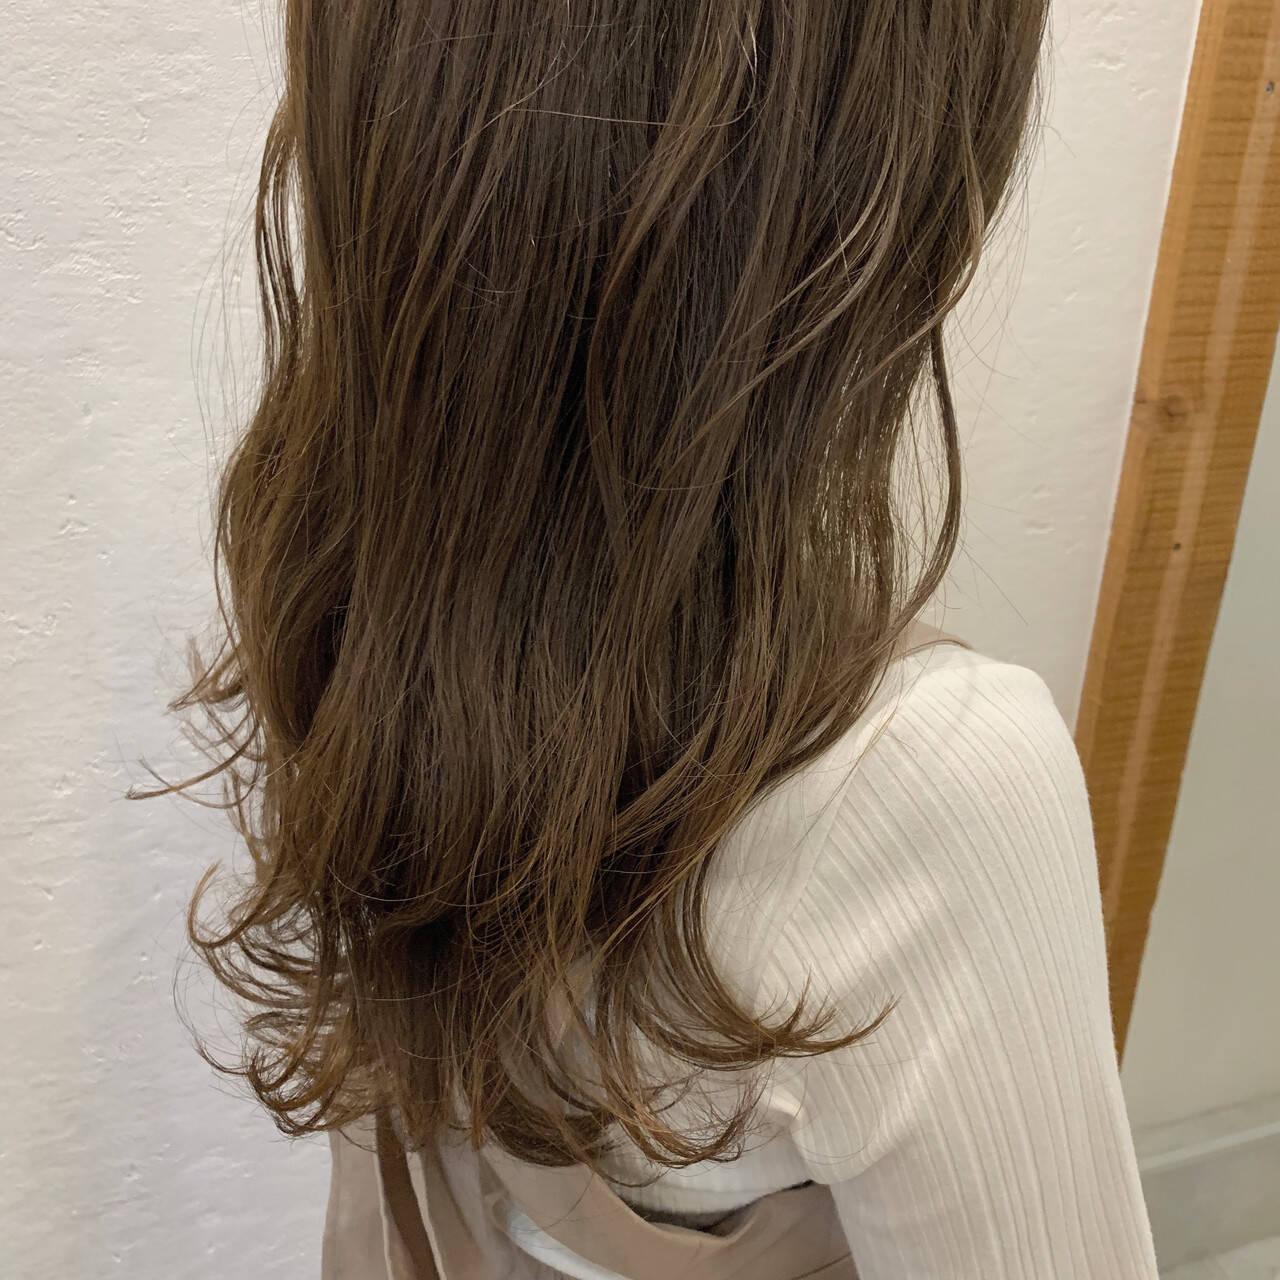 アッシュベージュ ロング ベージュ ガーリーヘアスタイルや髪型の写真・画像